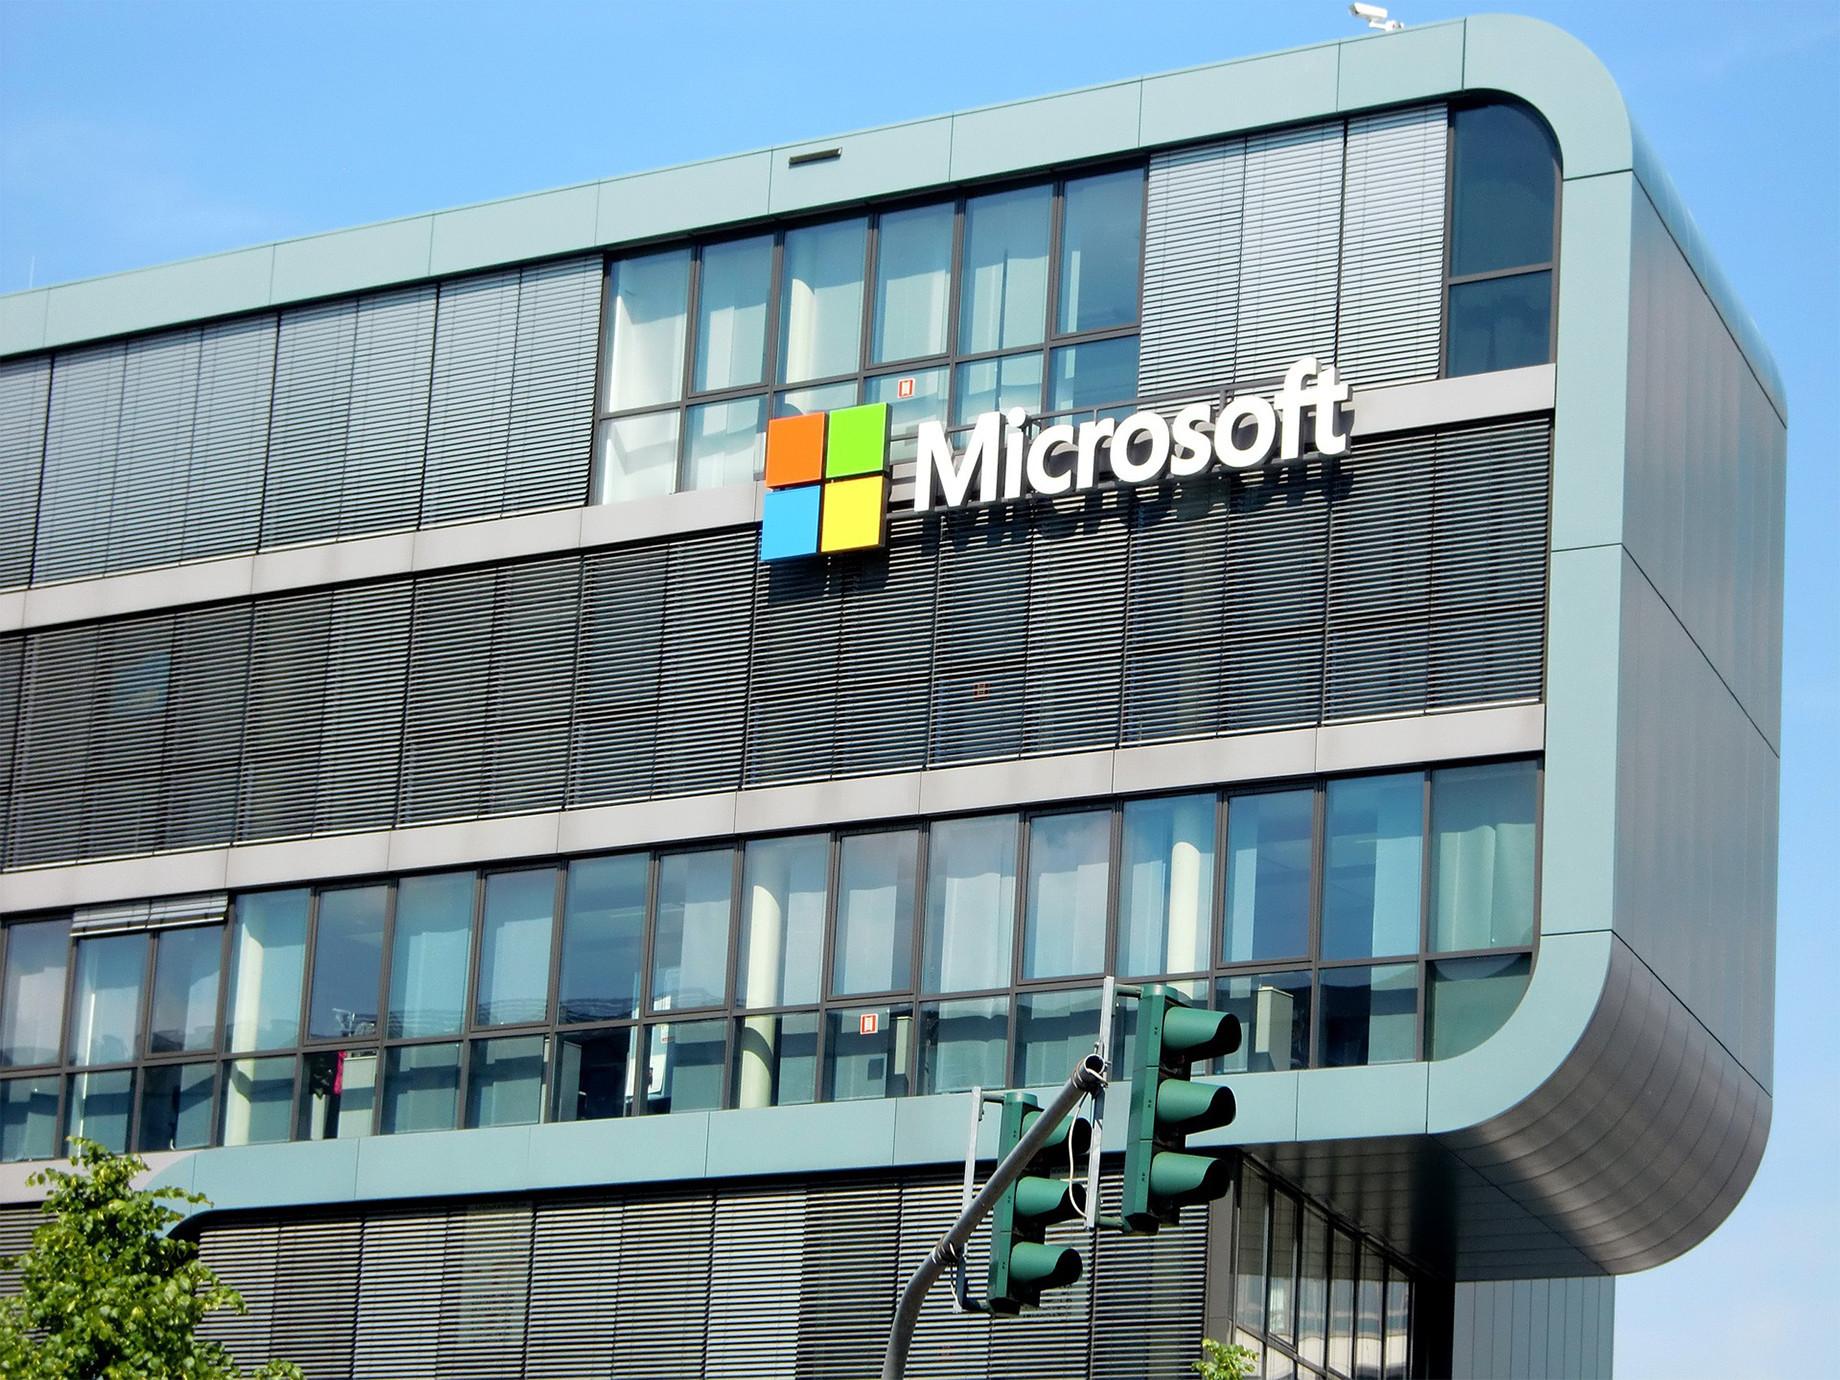 微軟修改公司願景,將「行動」改為「人工智慧」